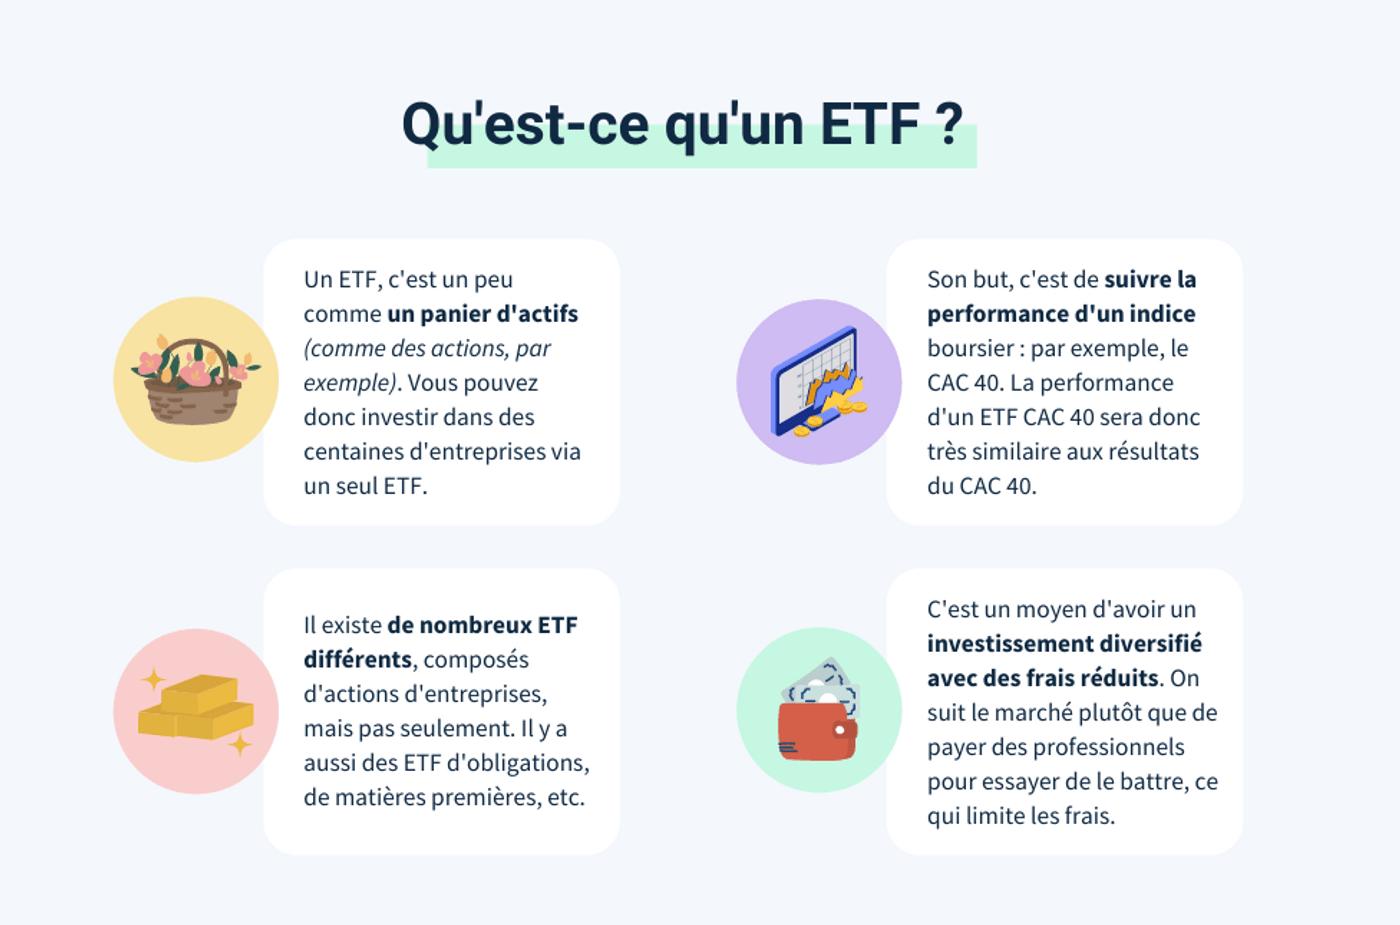 Explication graphique qu'est-ce qu'un ETF